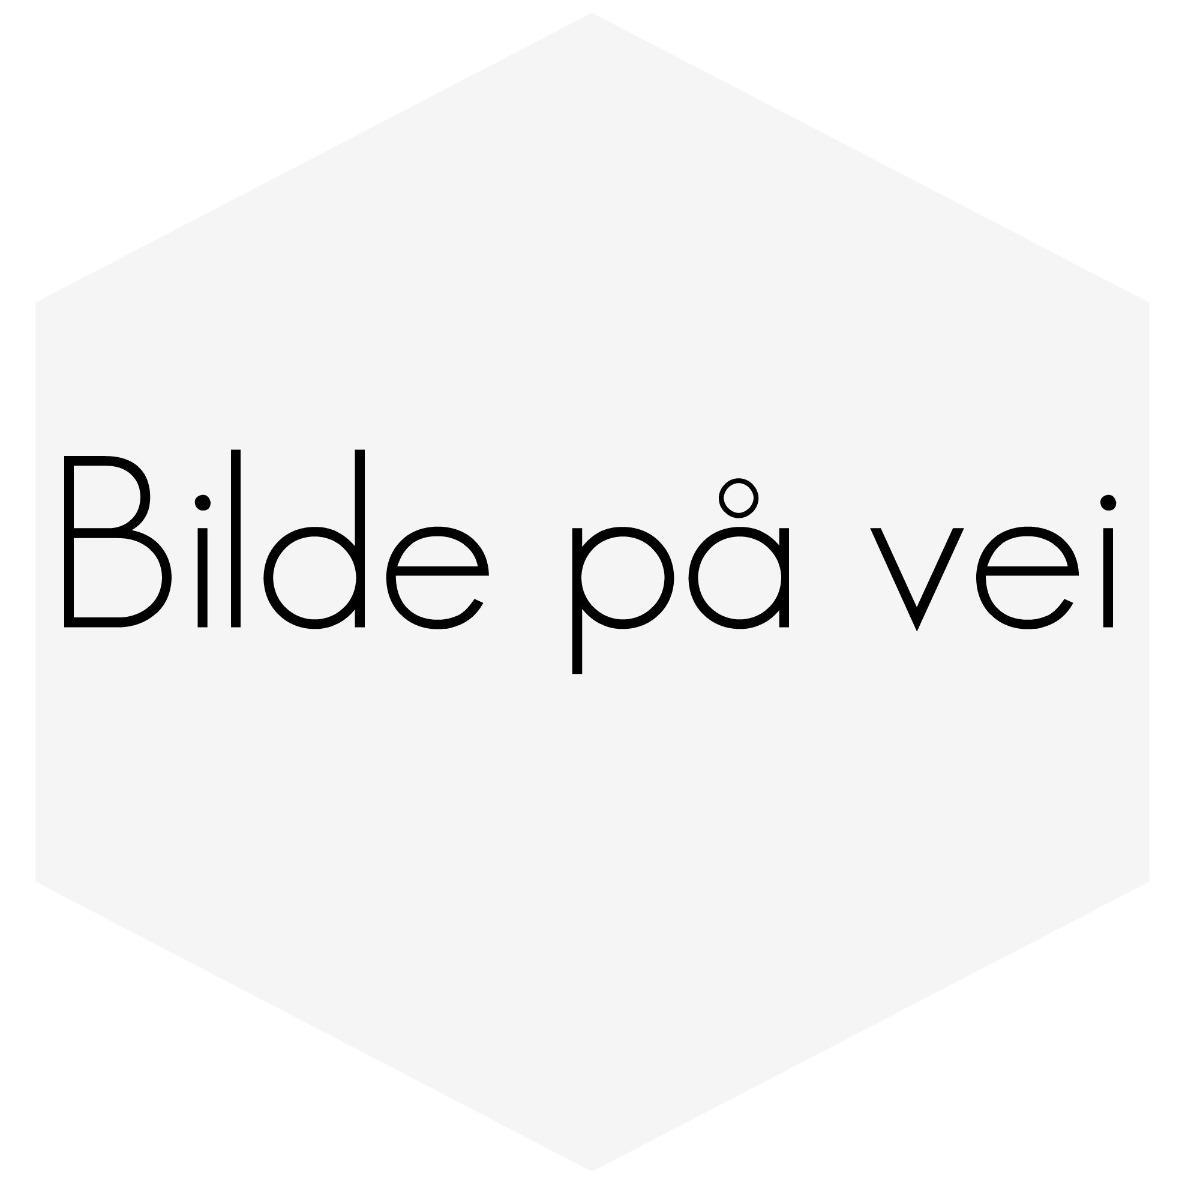 INSTRUMENT PROSPORT-S 60MM EKSOSMÅLER MED LYDVARSLING